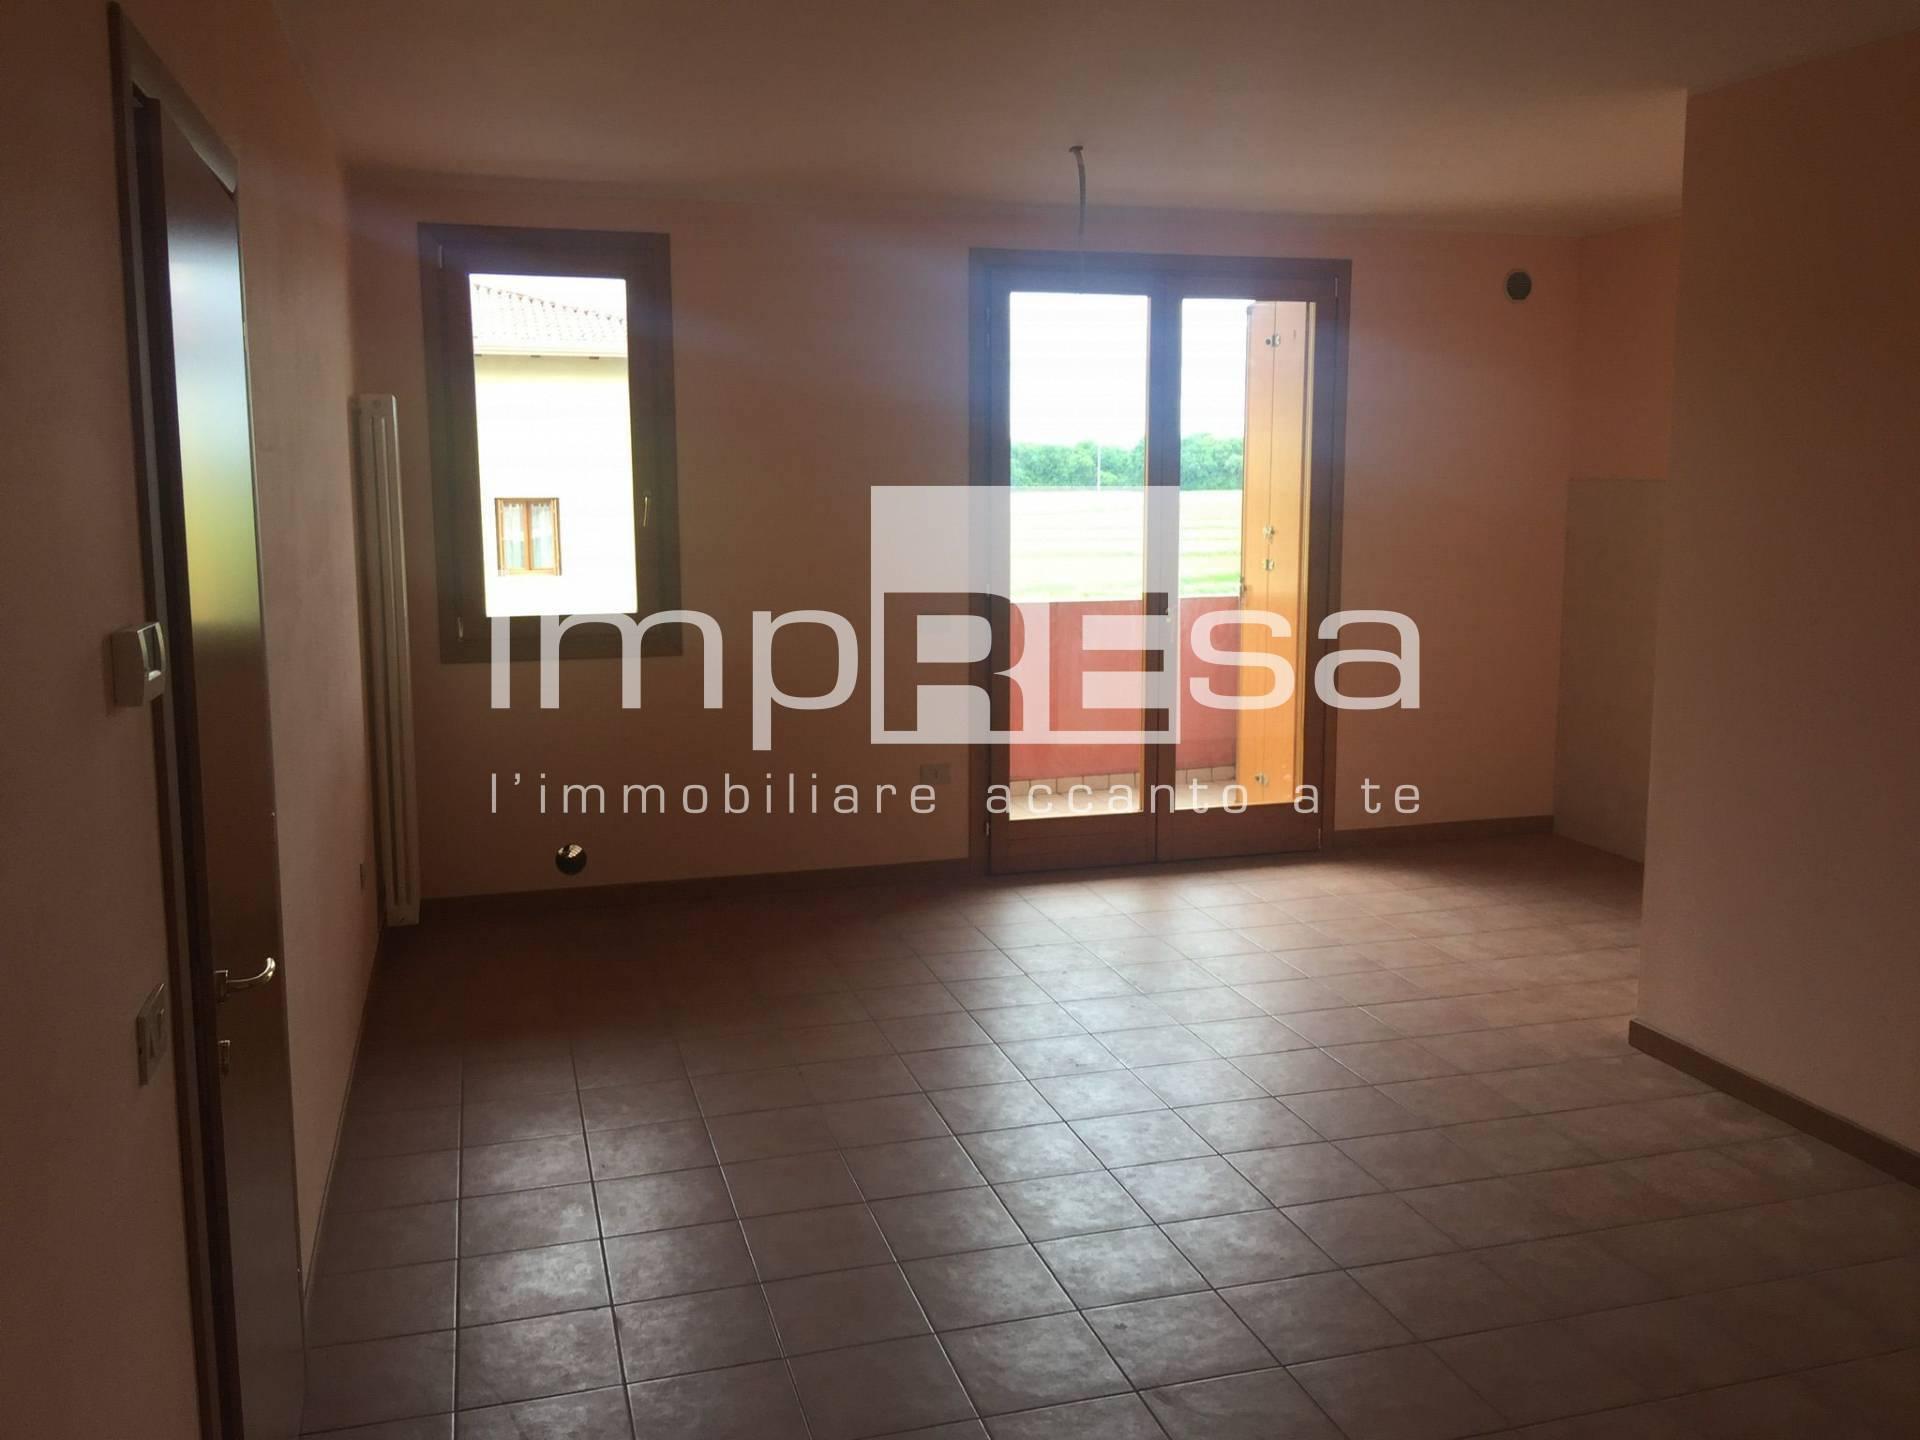 Appartamento in vendita a Motta di Livenza, 3 locali, prezzo € 105.000 | PortaleAgenzieImmobiliari.it